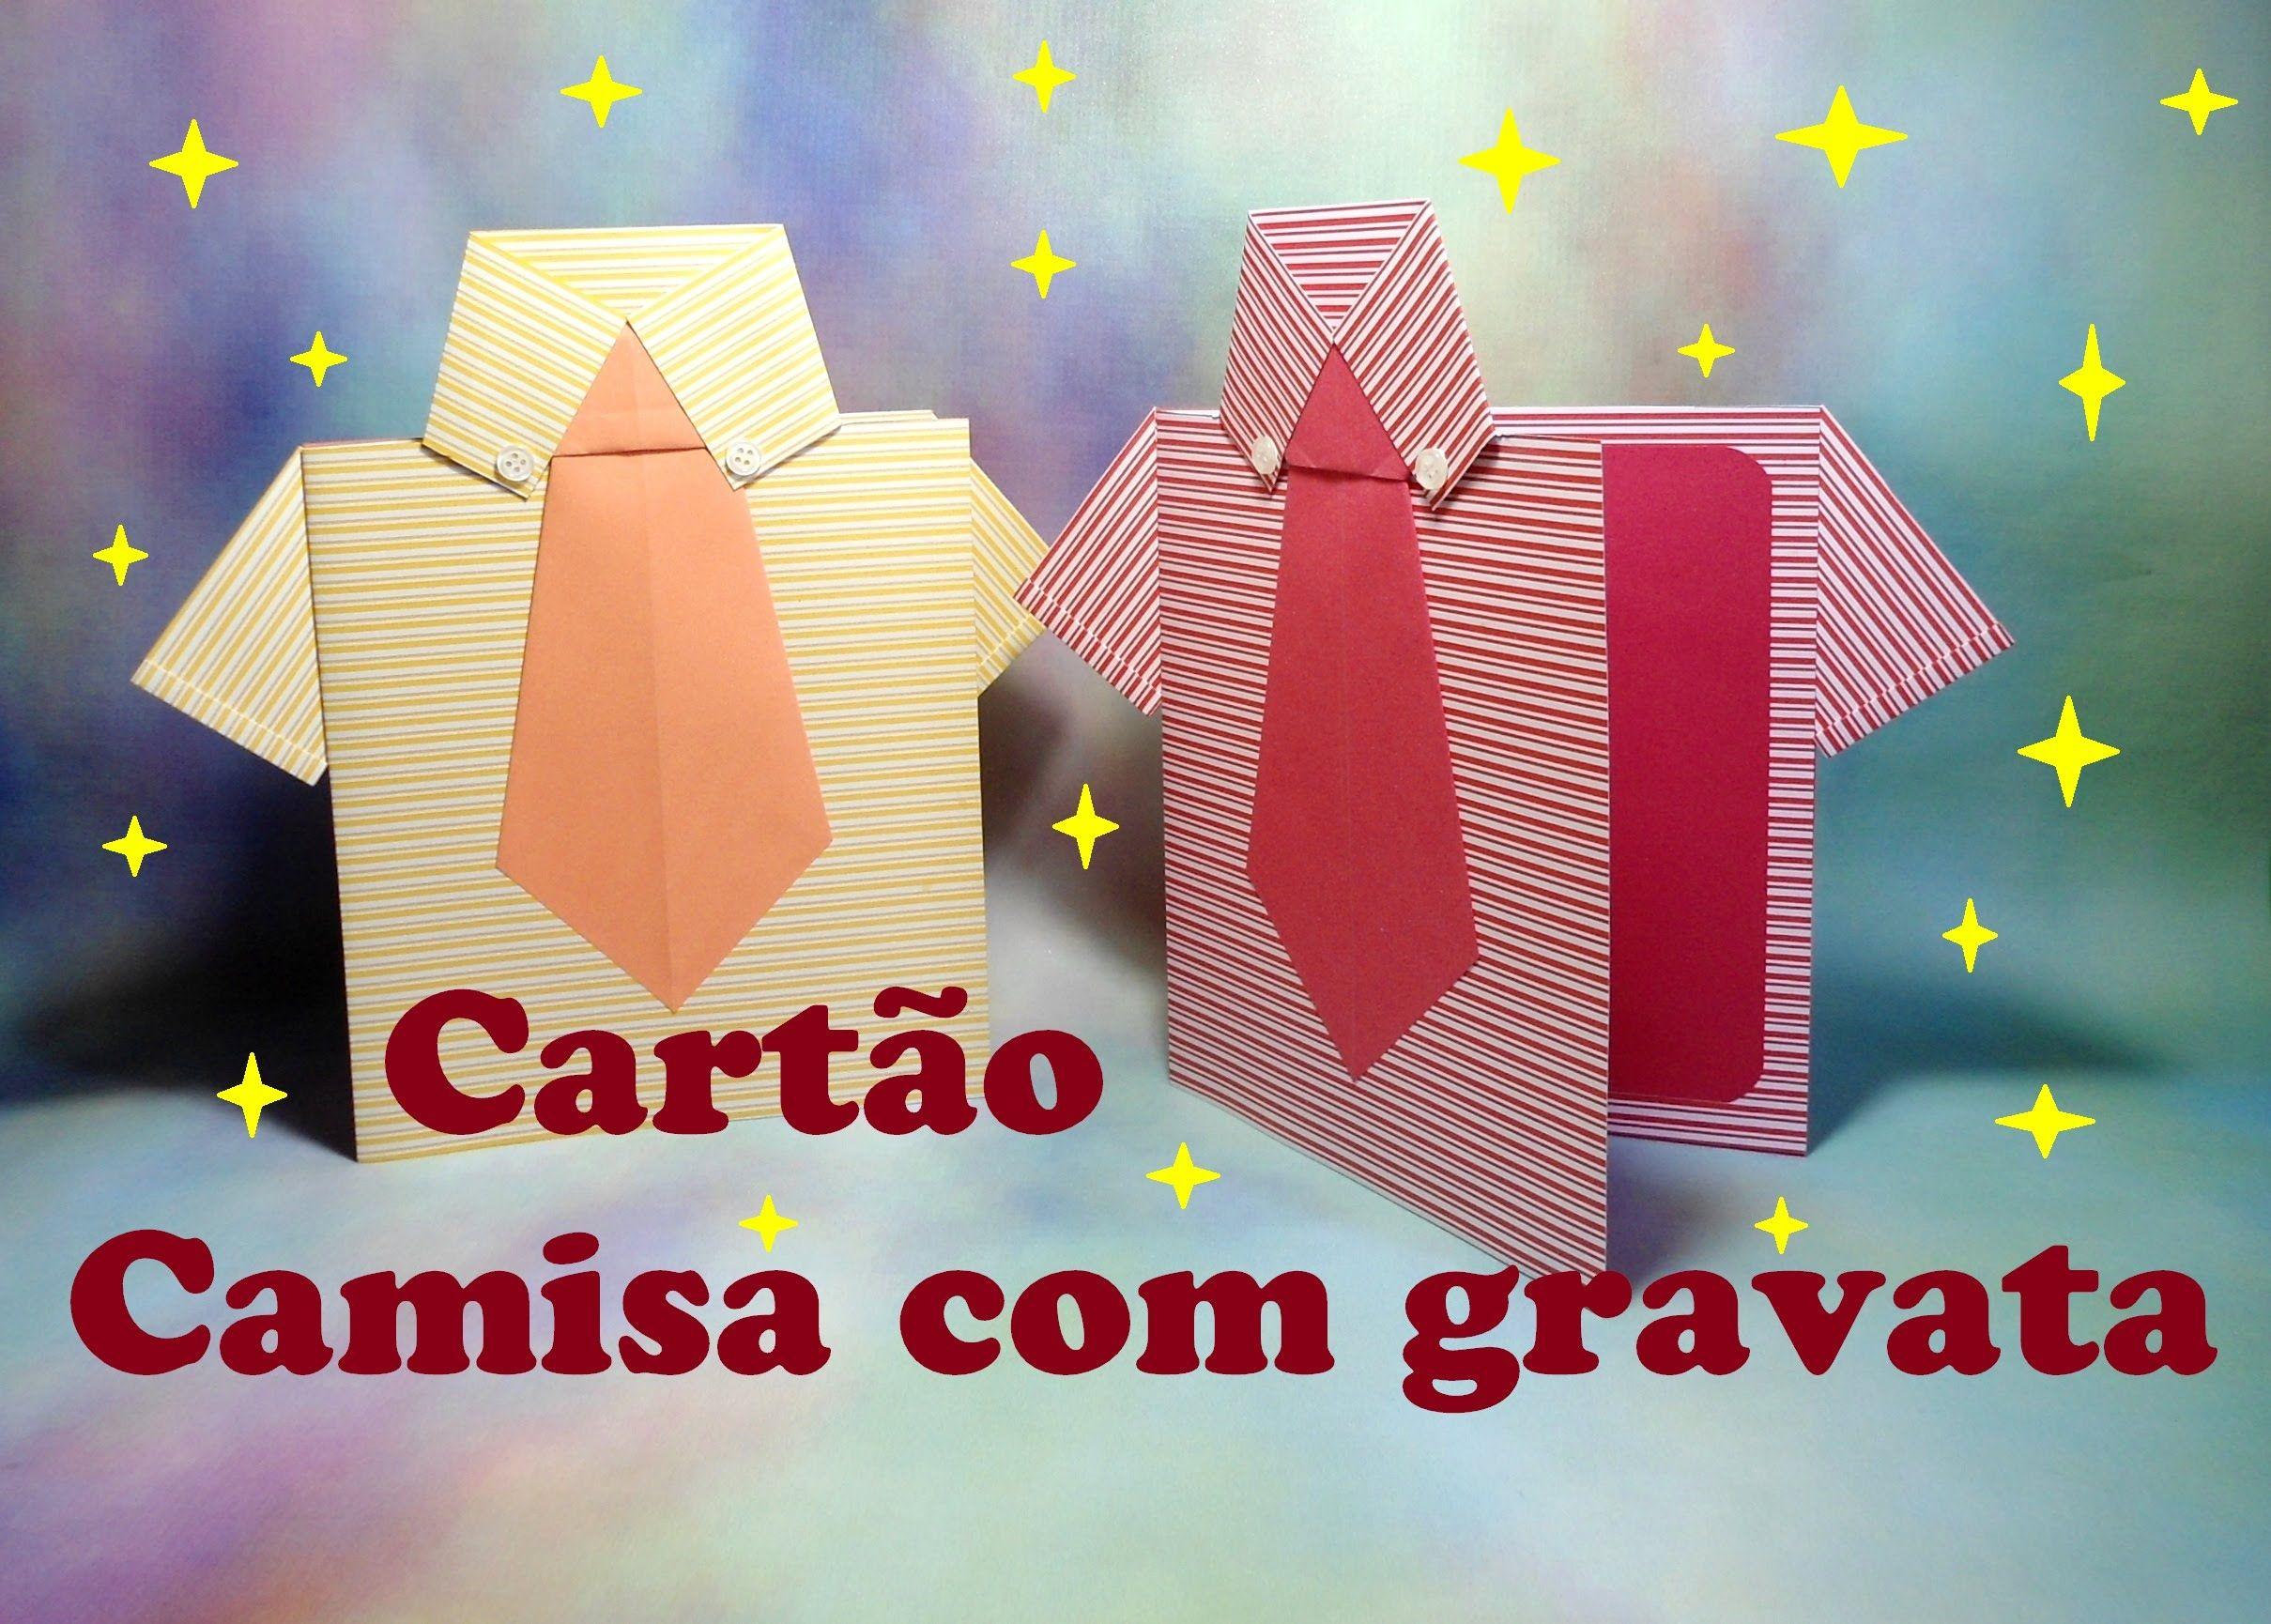 CAMISA COM GRAVATA - CARTÃO DIA DOS PAIS   dia dos pais   Pinterest